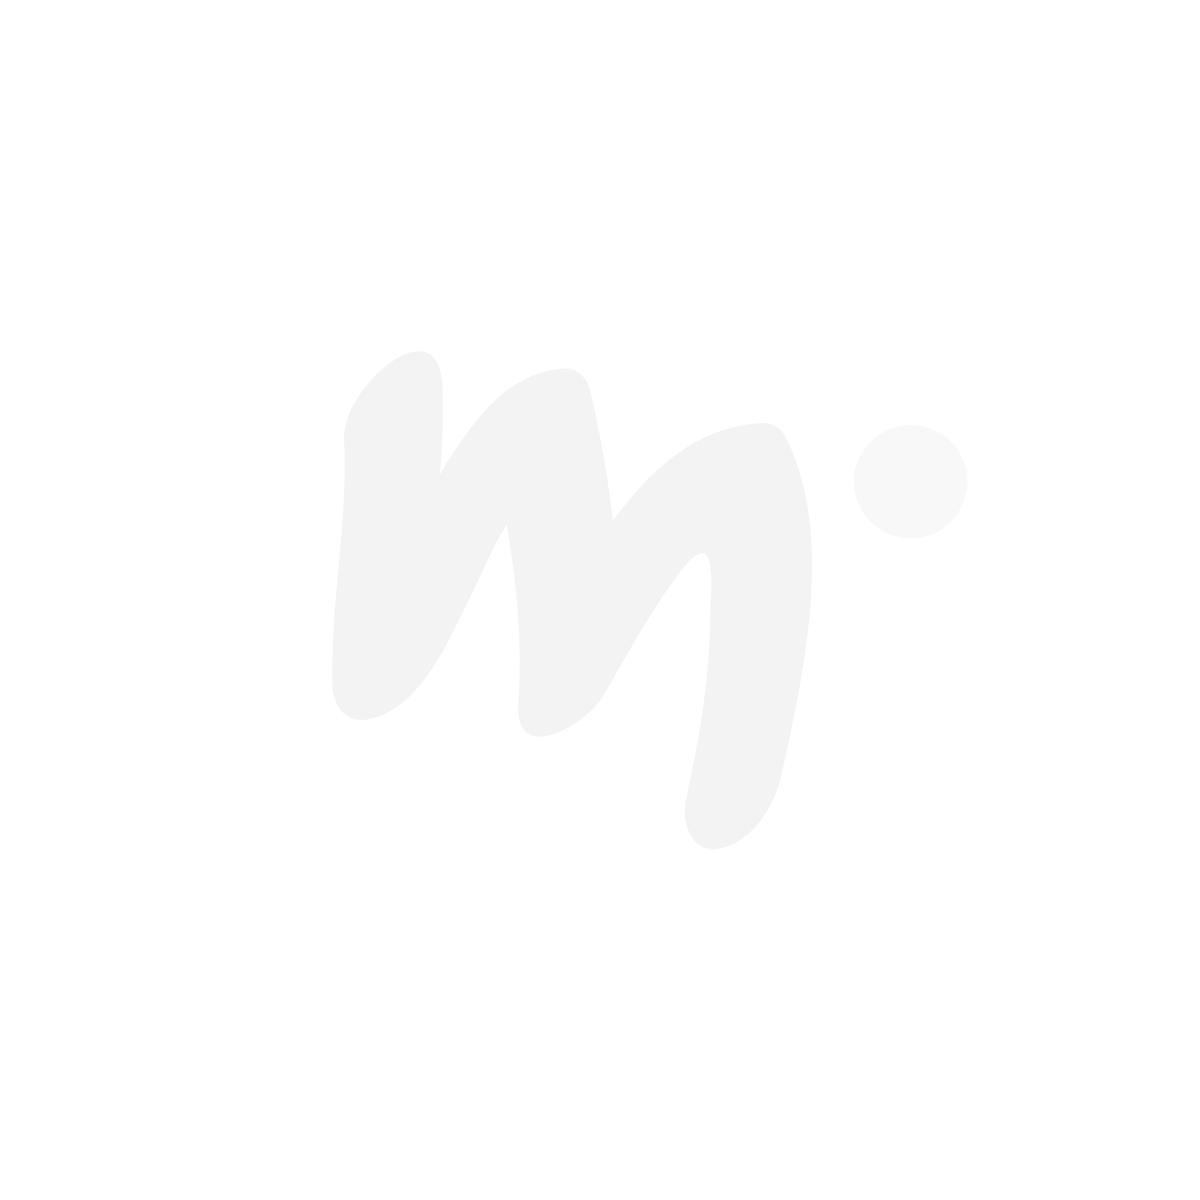 Muumi Piilottelu-haalari harmaa